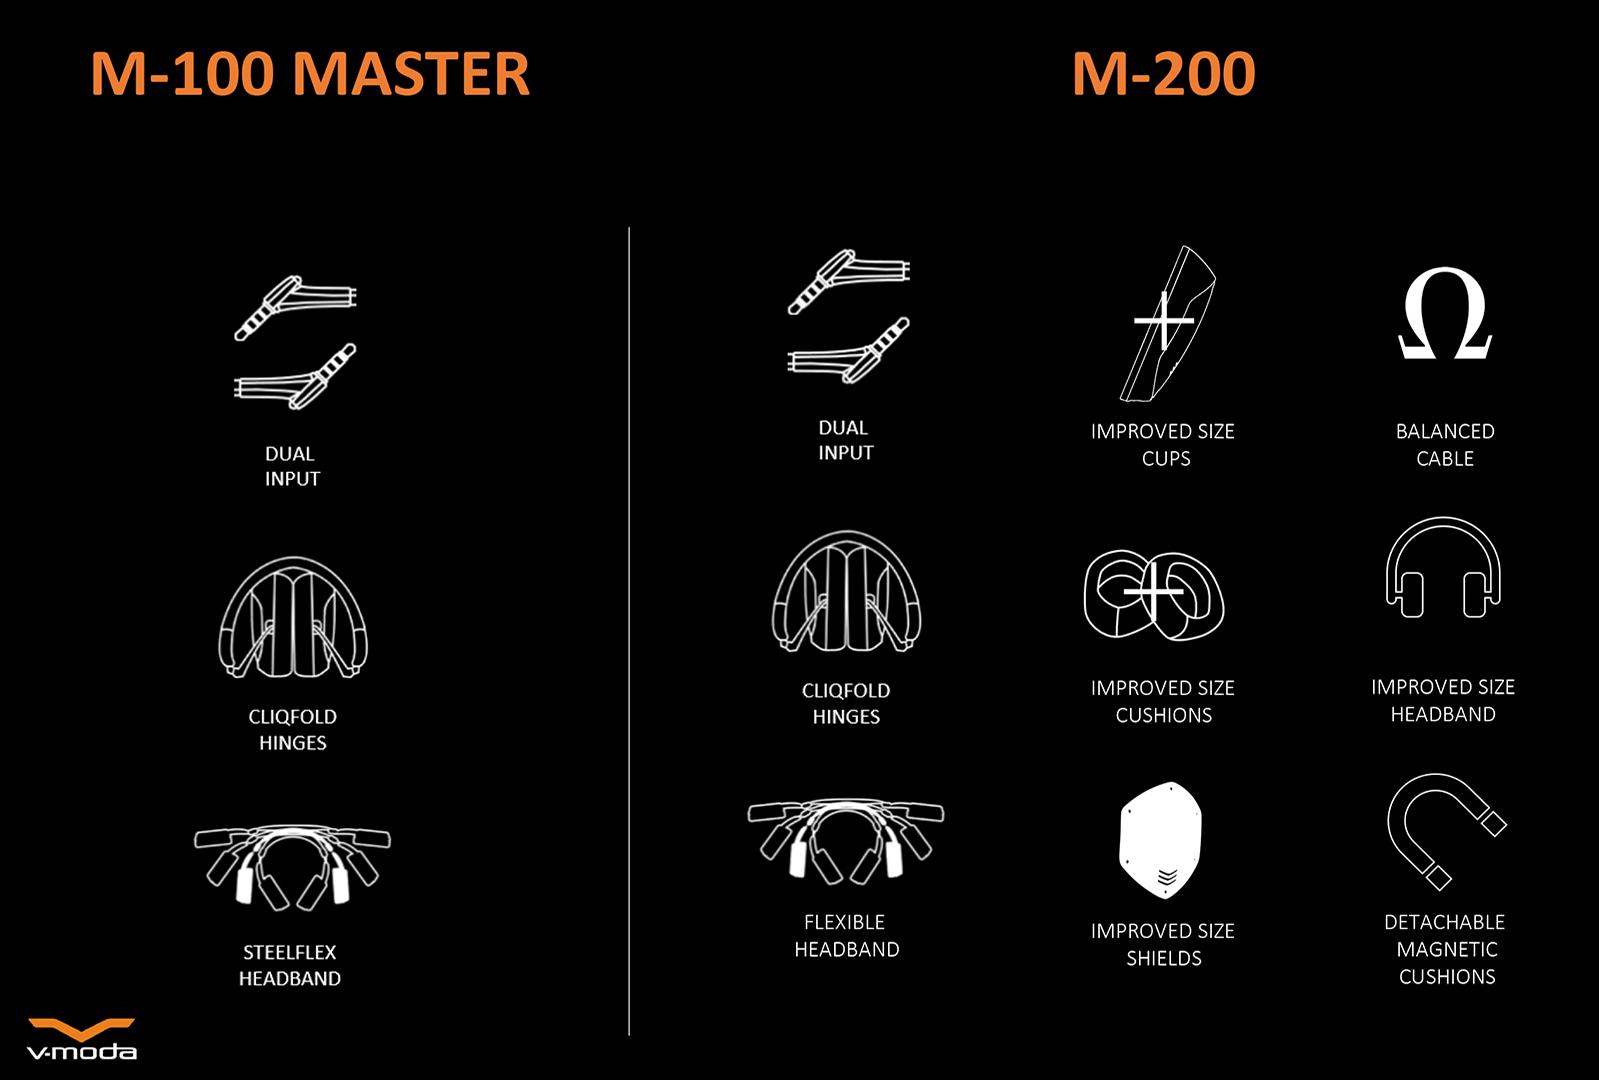 Form factor & feature comparison overview; M-100 Master vs M-200